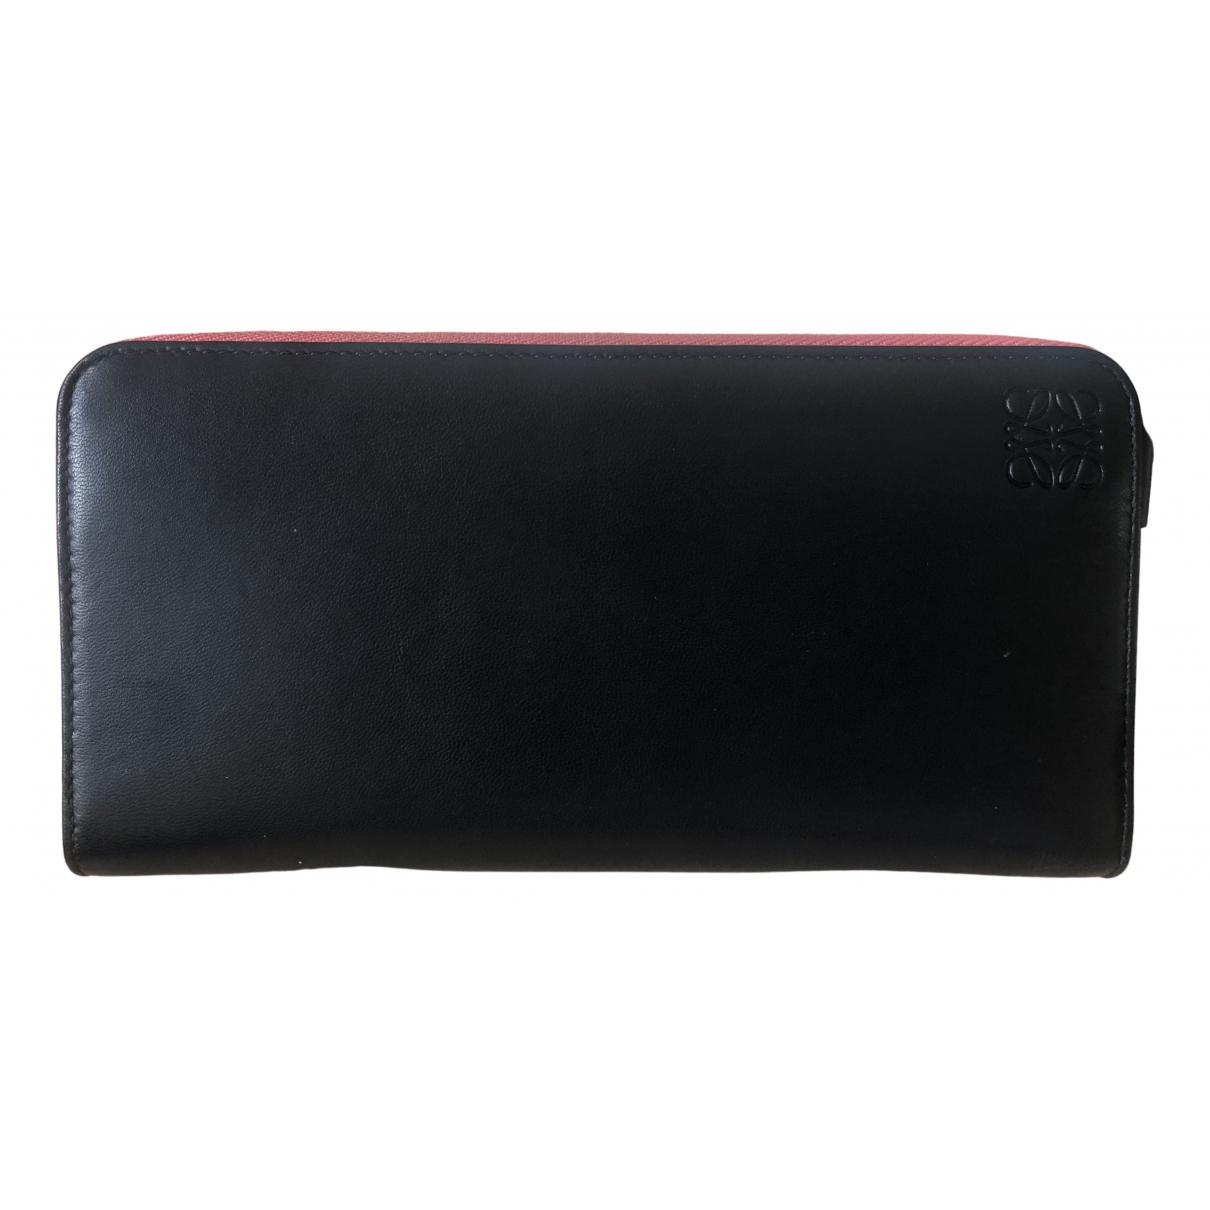 Loewe N Black Leather wallet for Women N